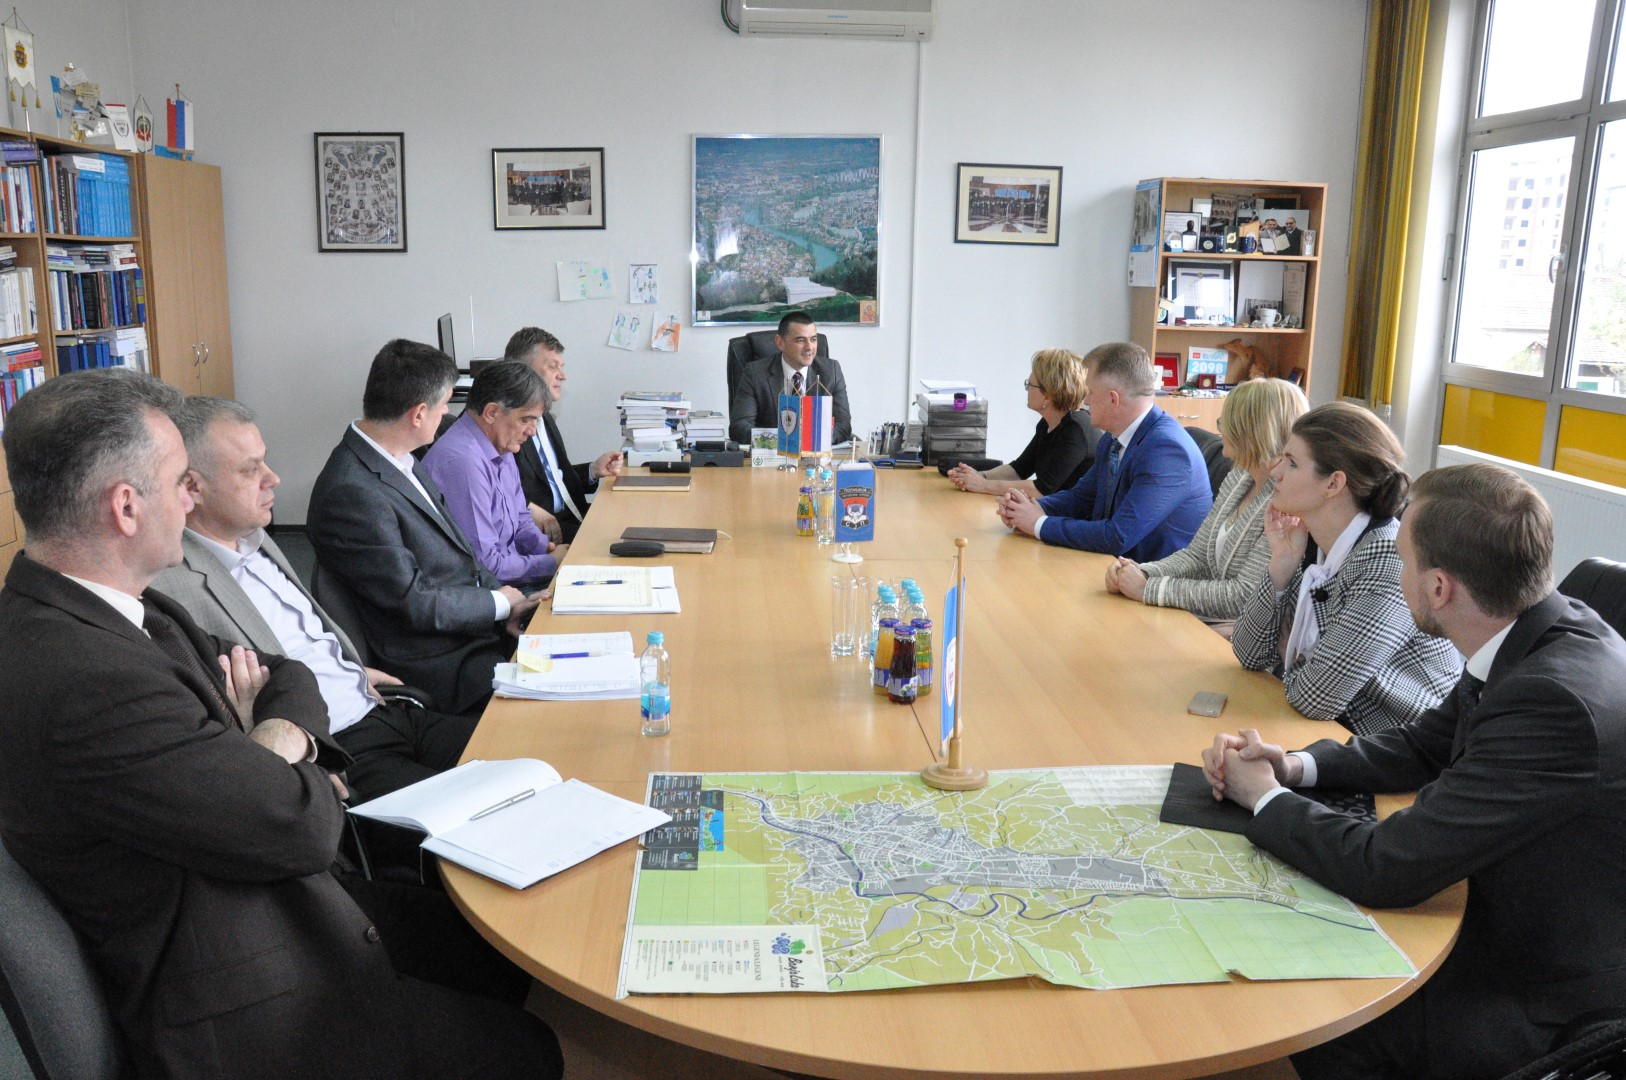 Делегацијa МУП-а Руске Федерације посјетила Управе за полицијску обуку